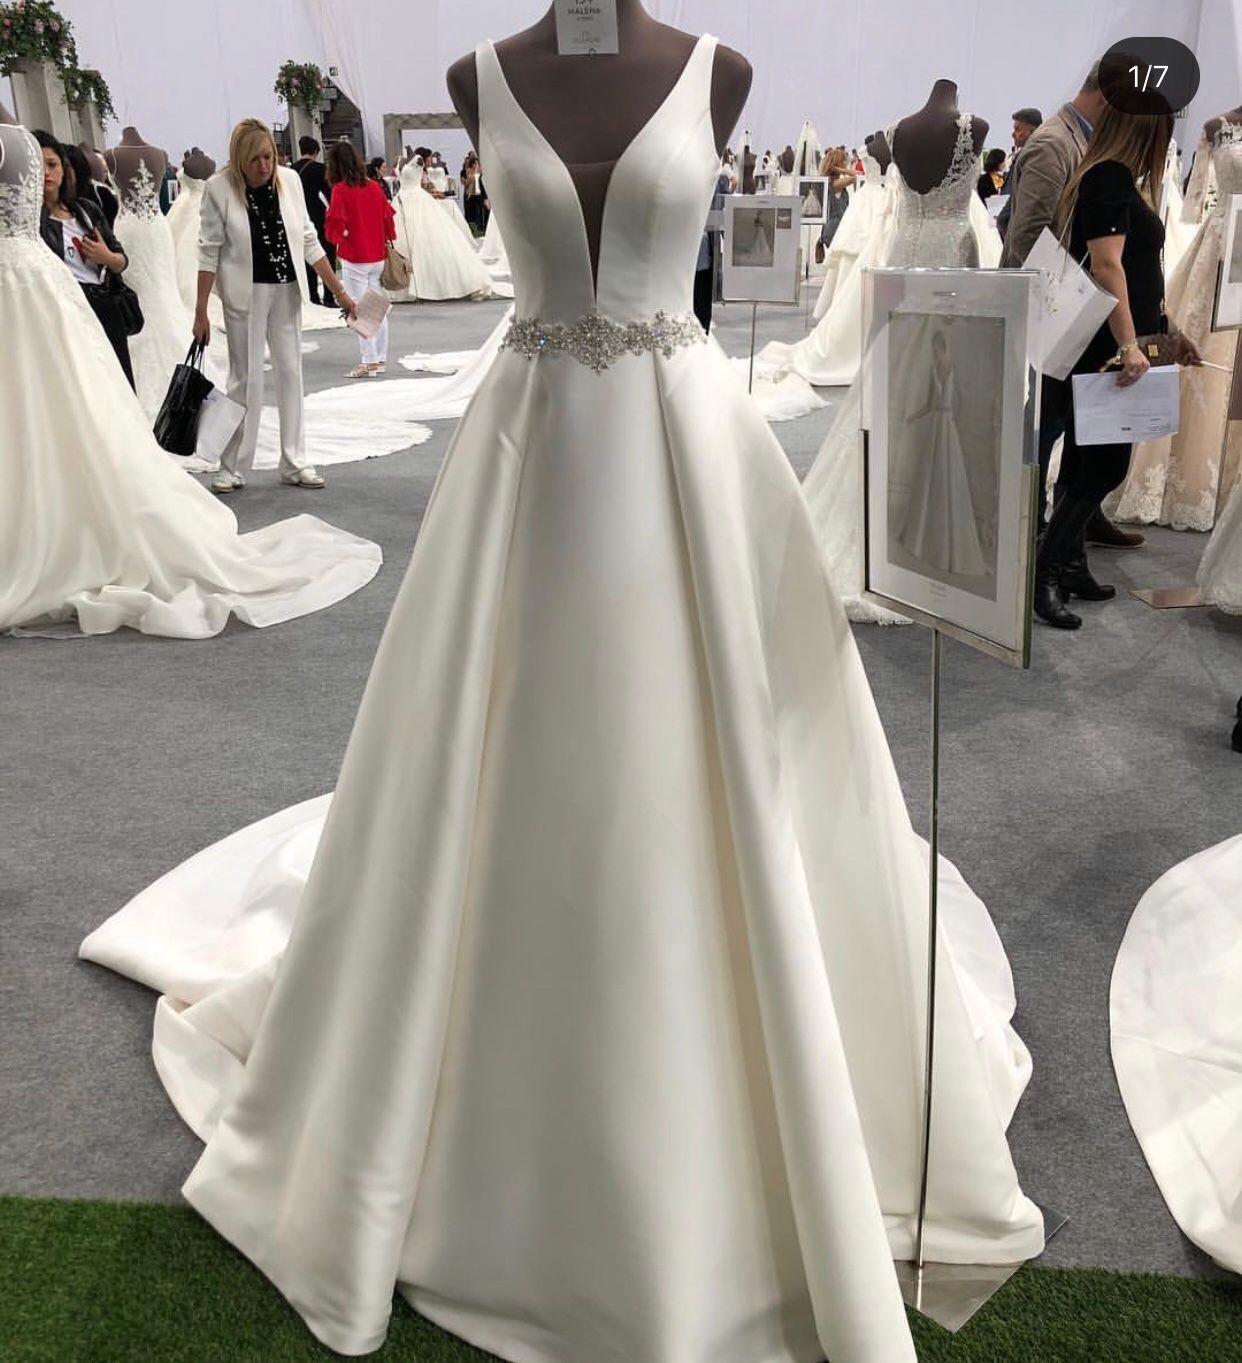 2019 A-Line Derin Boyun Çizgisi Kalite Saten Gelinlik Boncuklu Kemer Fildişi Beyaz 1 Metre Trian Gelin Kıyafeti Pileli Gelinlik